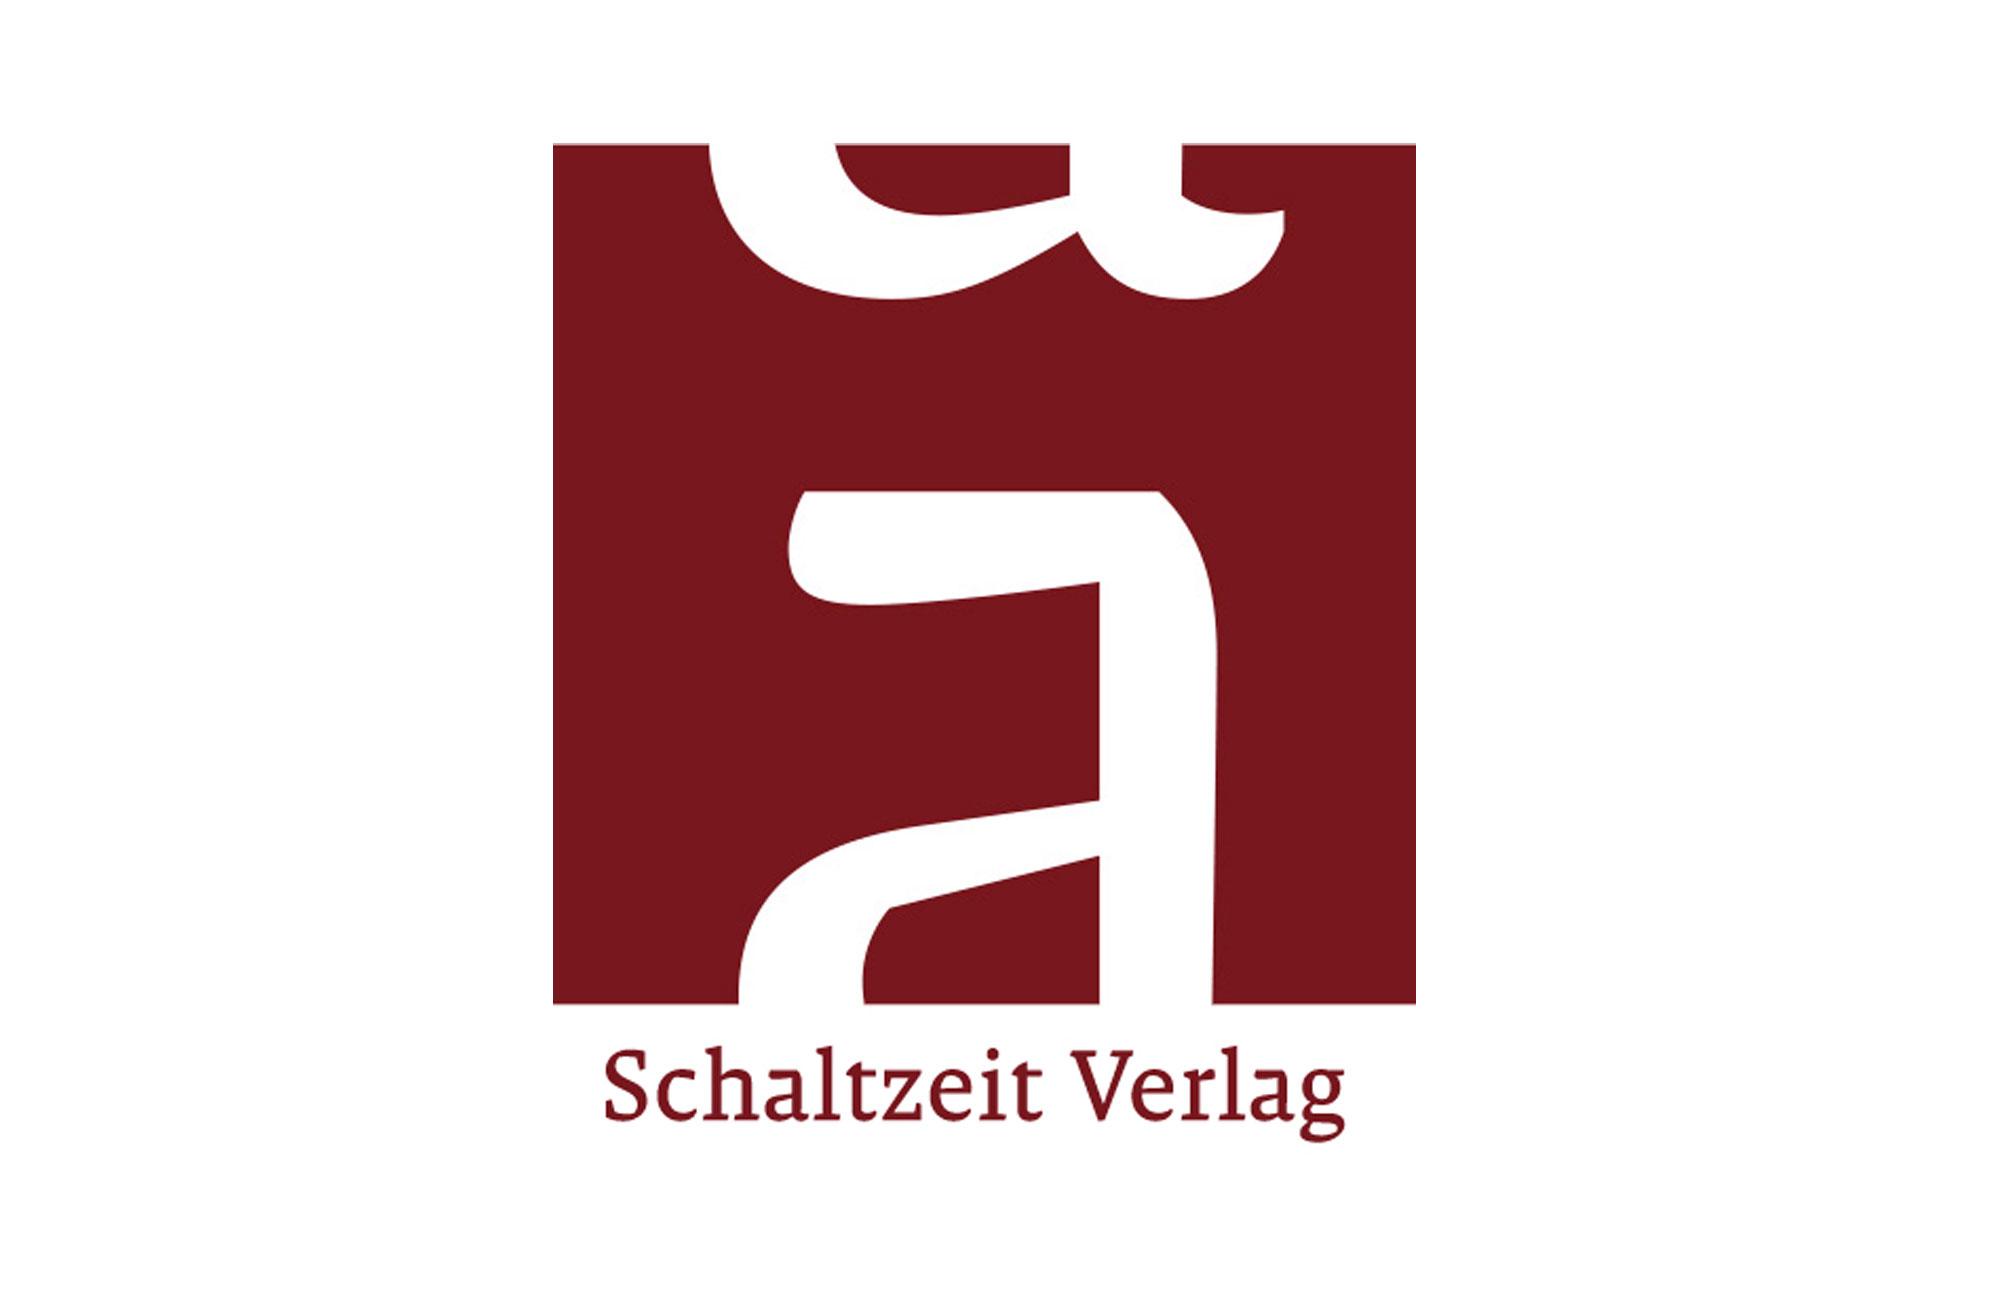 Logo Schaltzeit Verlag (Berlin)